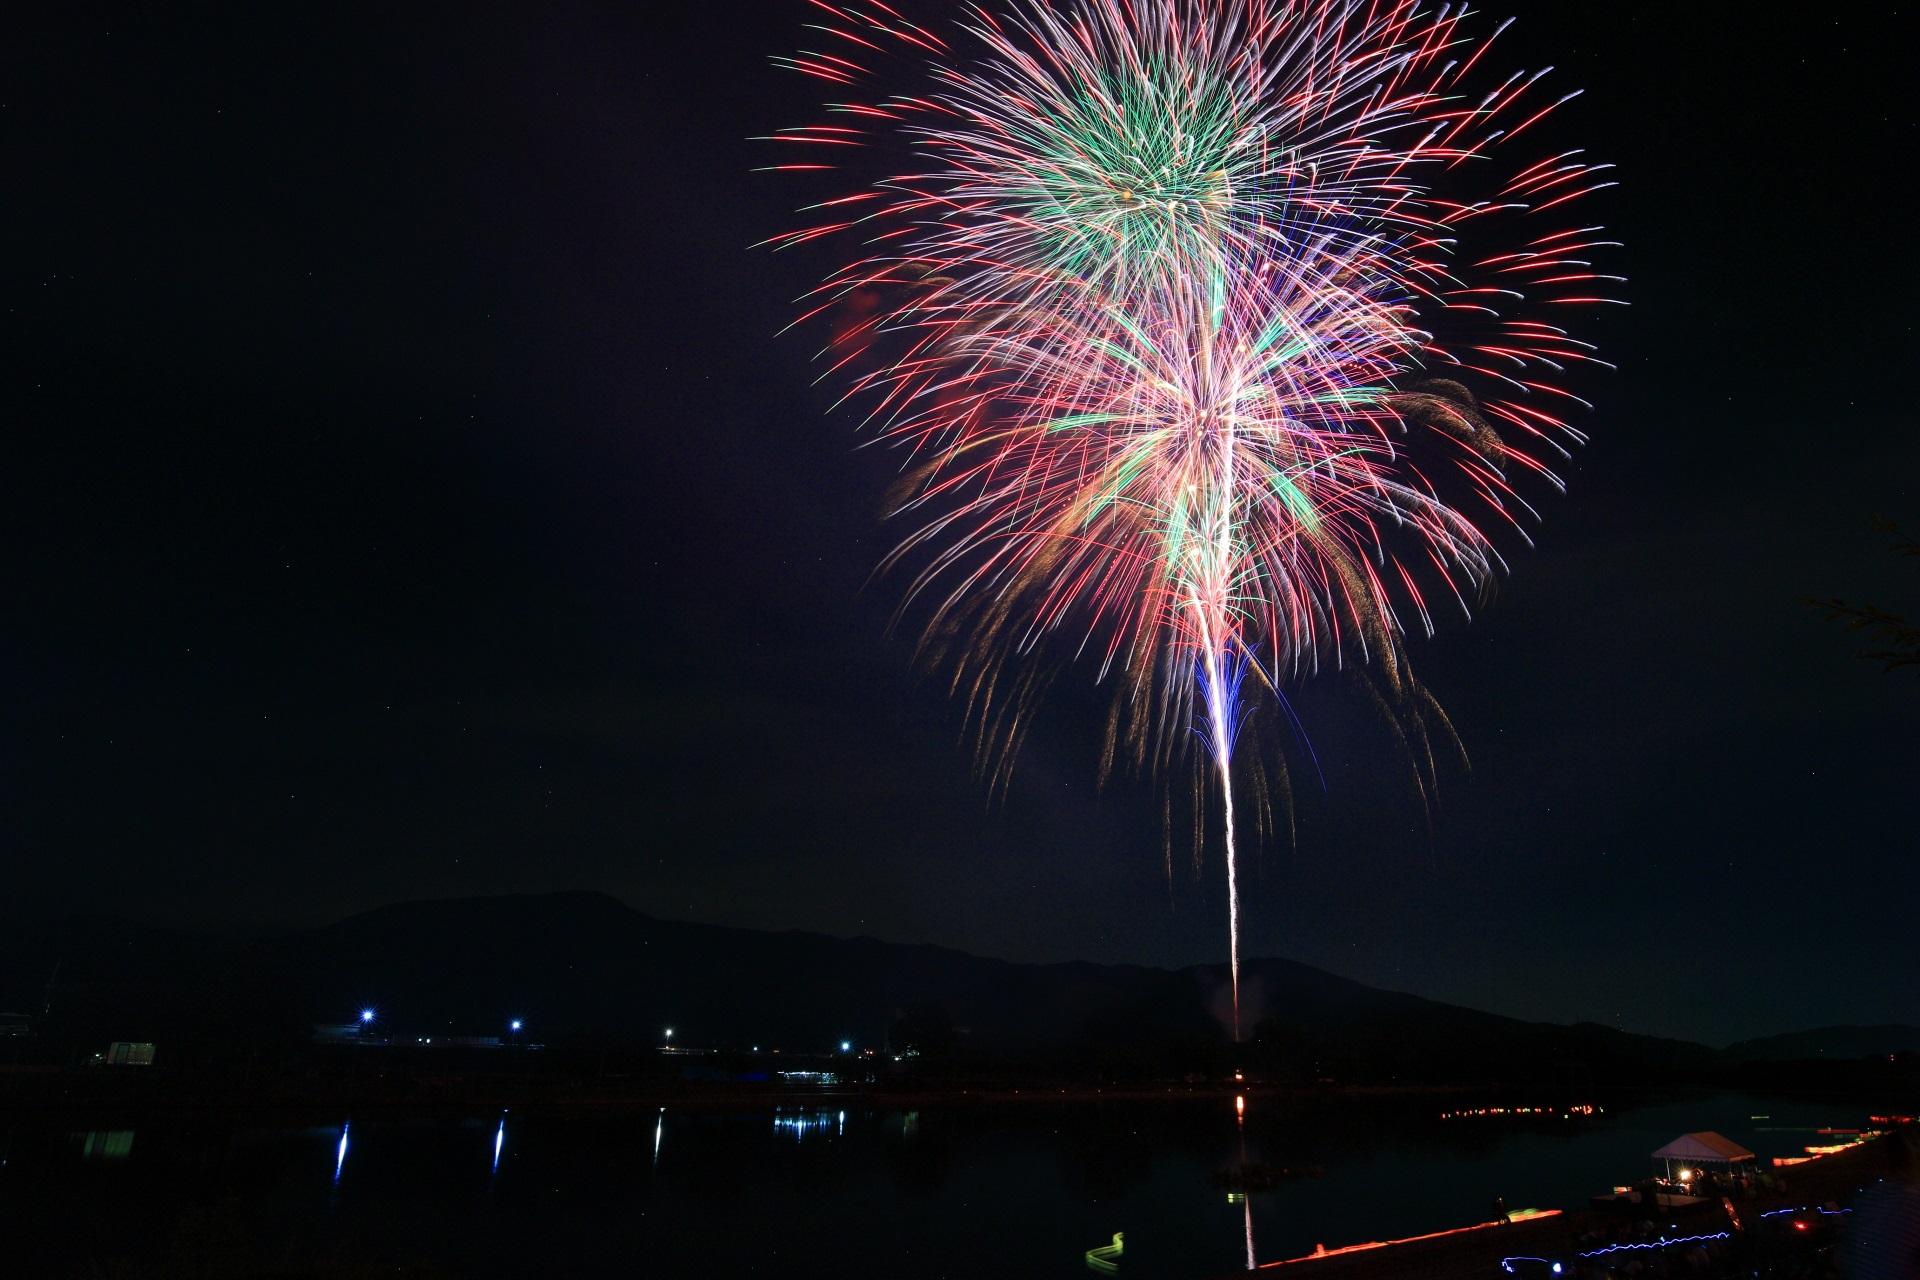 鮮やかでカラフルな南丹市の大きな花火